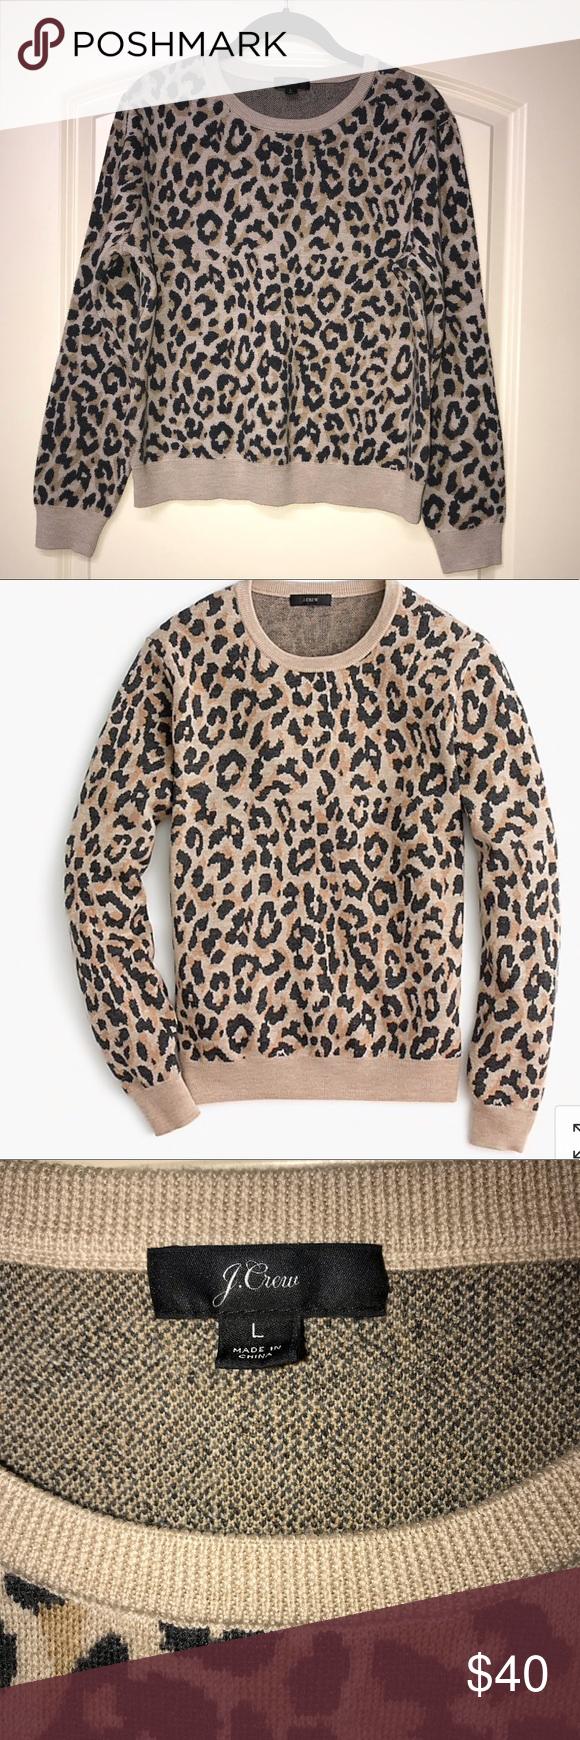 J Crew Merino Crewneck Leopard Sweatshirt Leopard Sweatshirt J Crew Sweatshirts [ 1740 x 580 Pixel ]